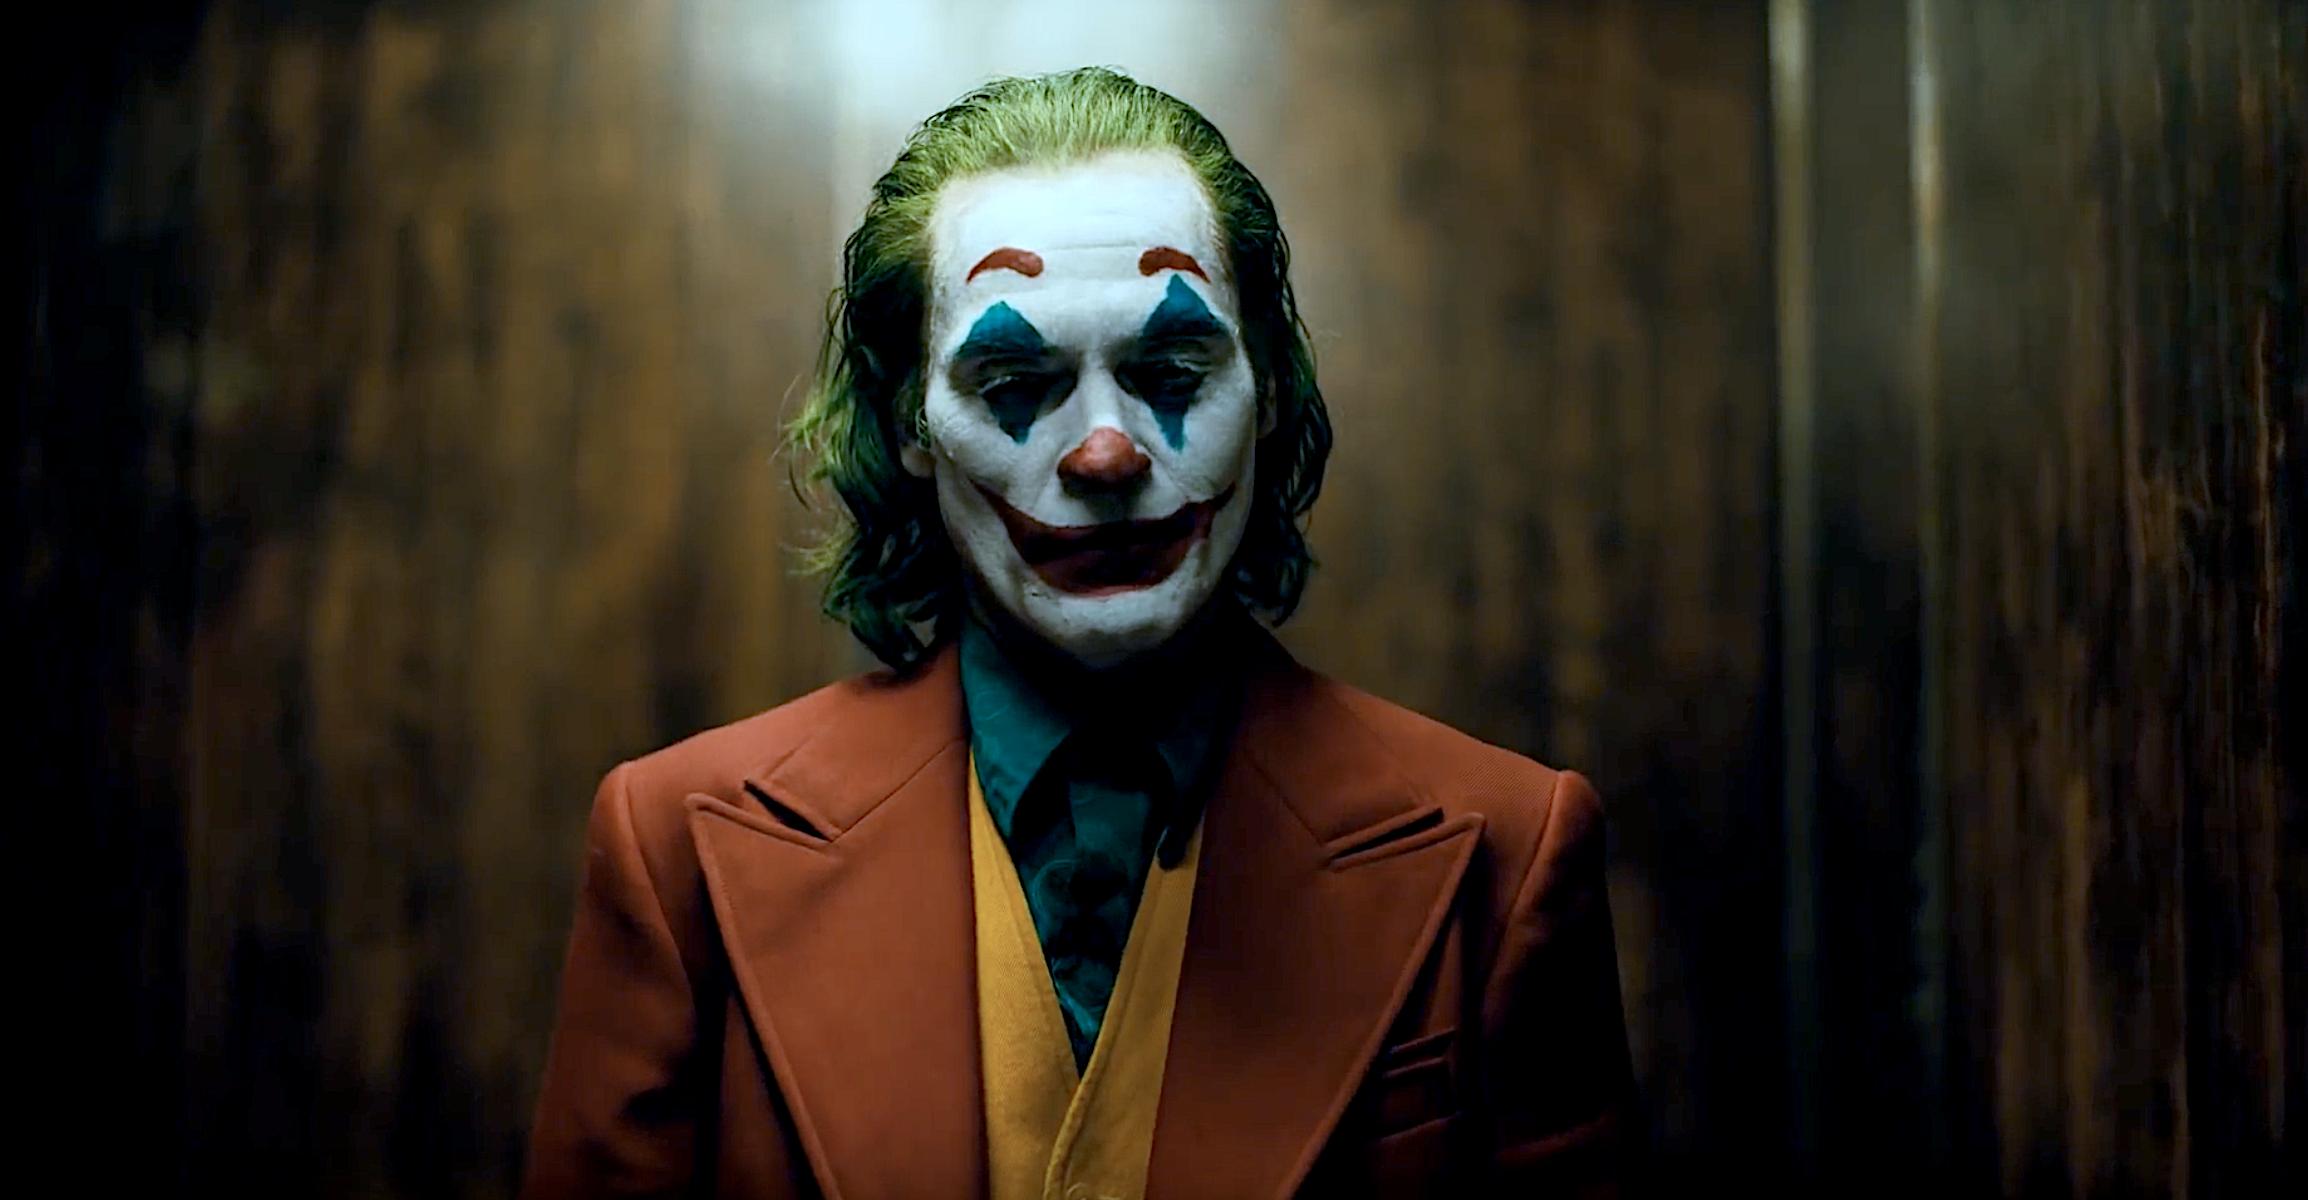 Joker tornerà presto, il sequel è già in lavorazione